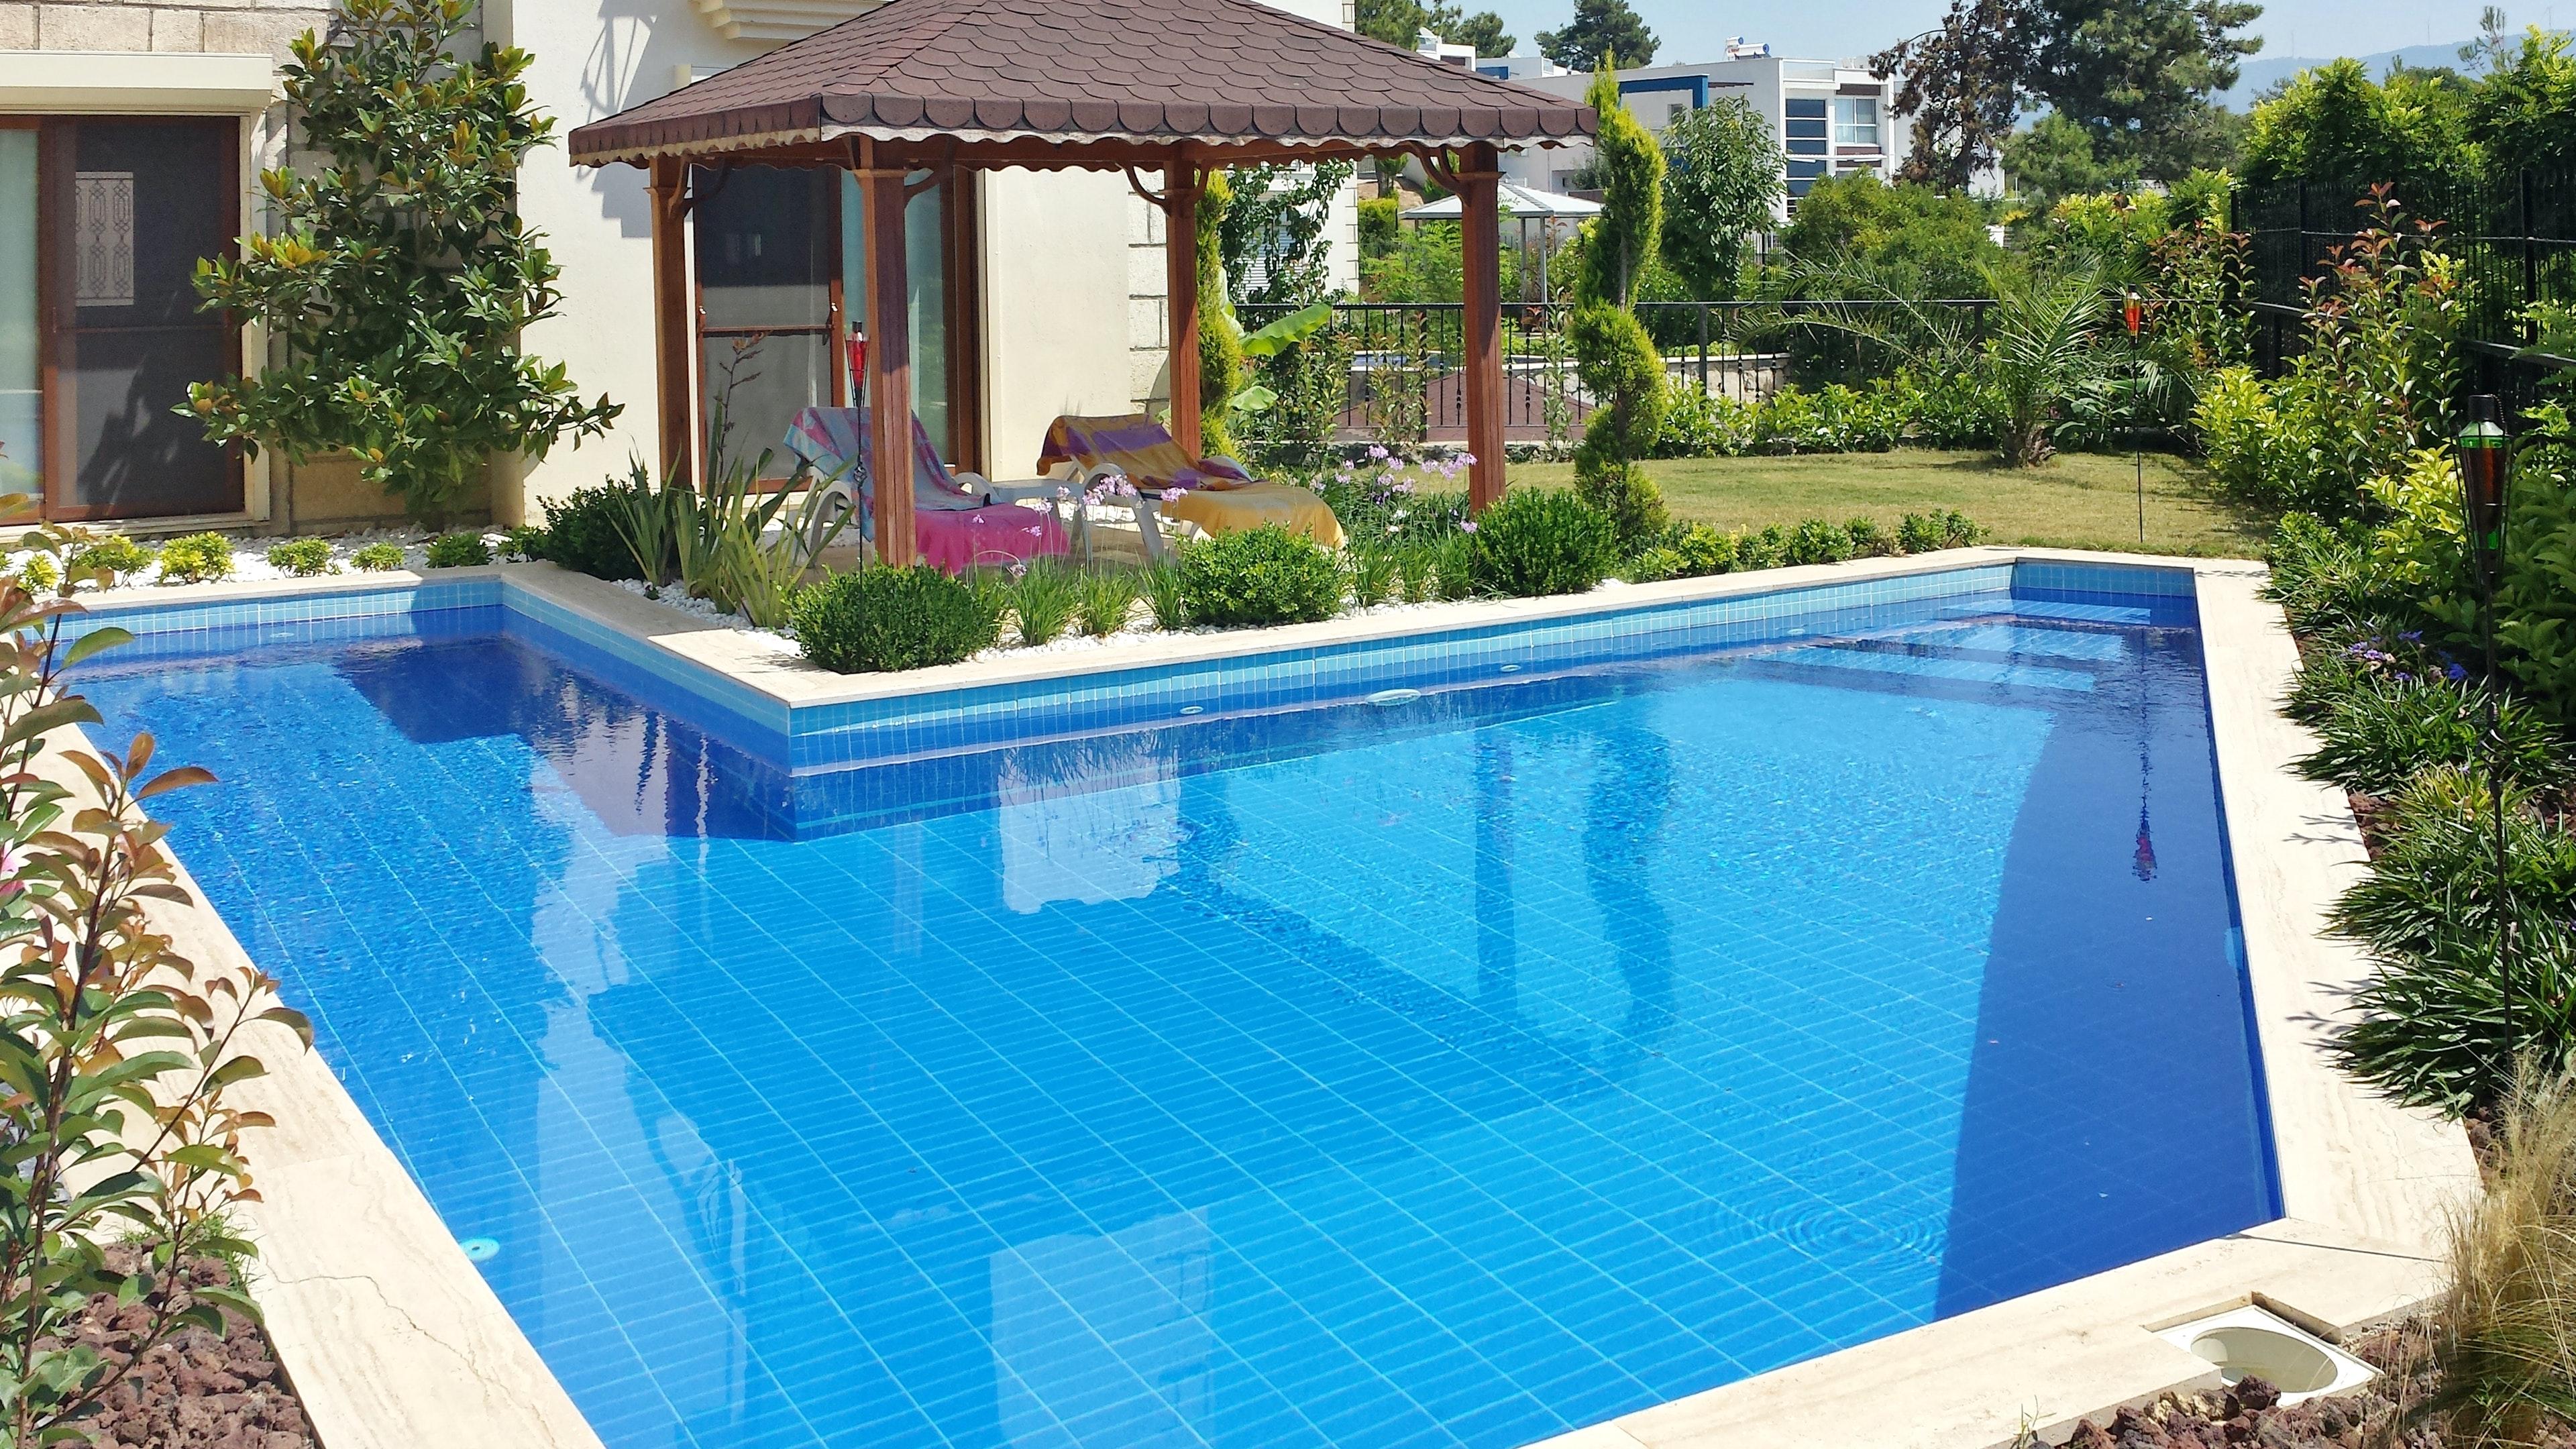 Haus mit 4 Schlafzimmern in Ku adas mit privatem Pool und eingezäuntem Garten 2 km vom Strand entfernt